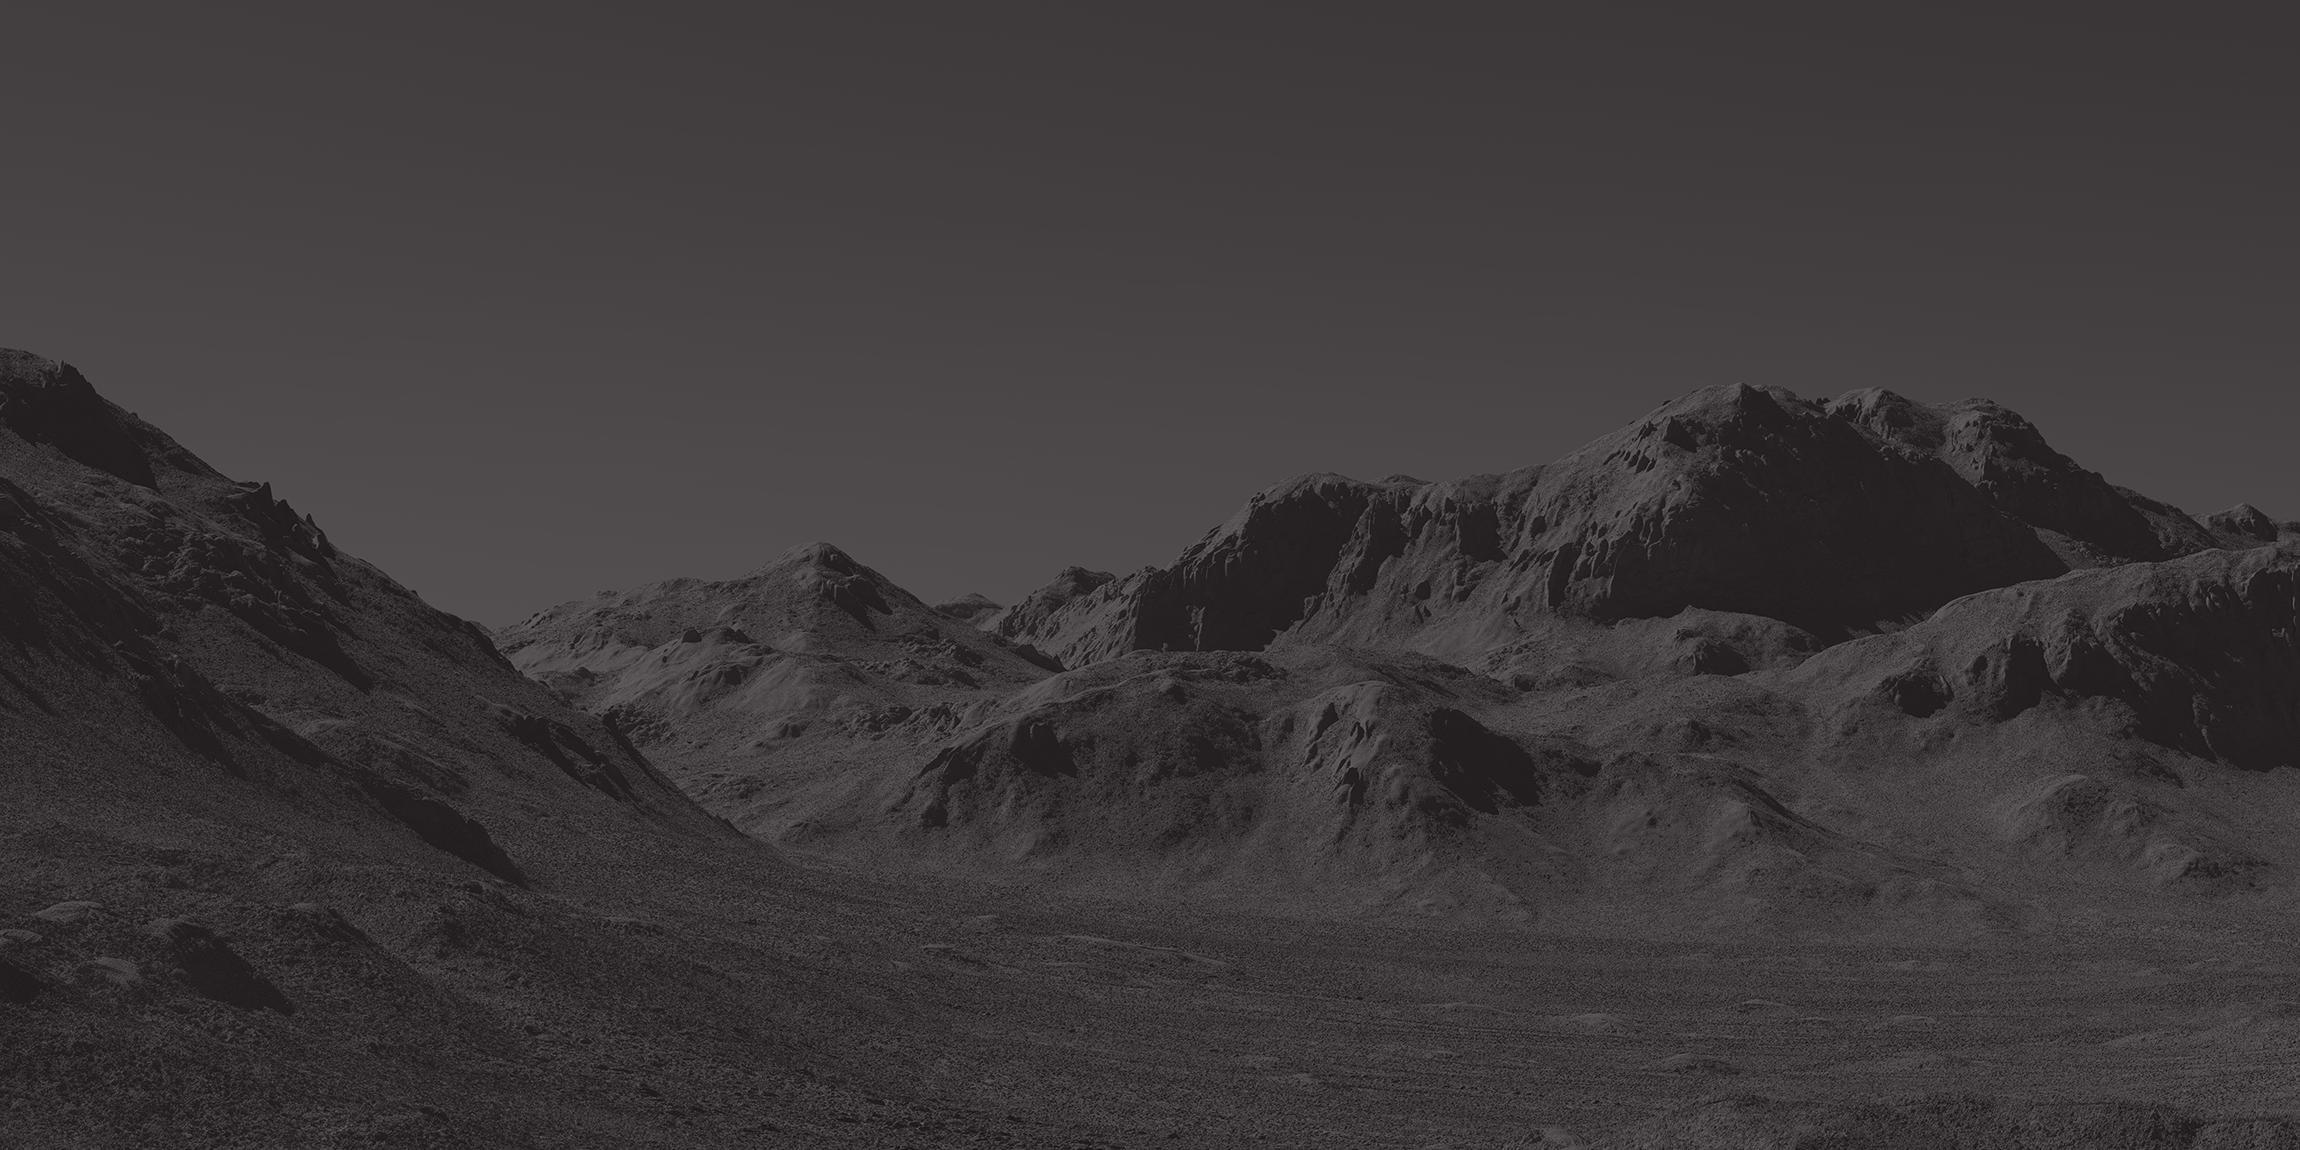 MARS_BG_2.png